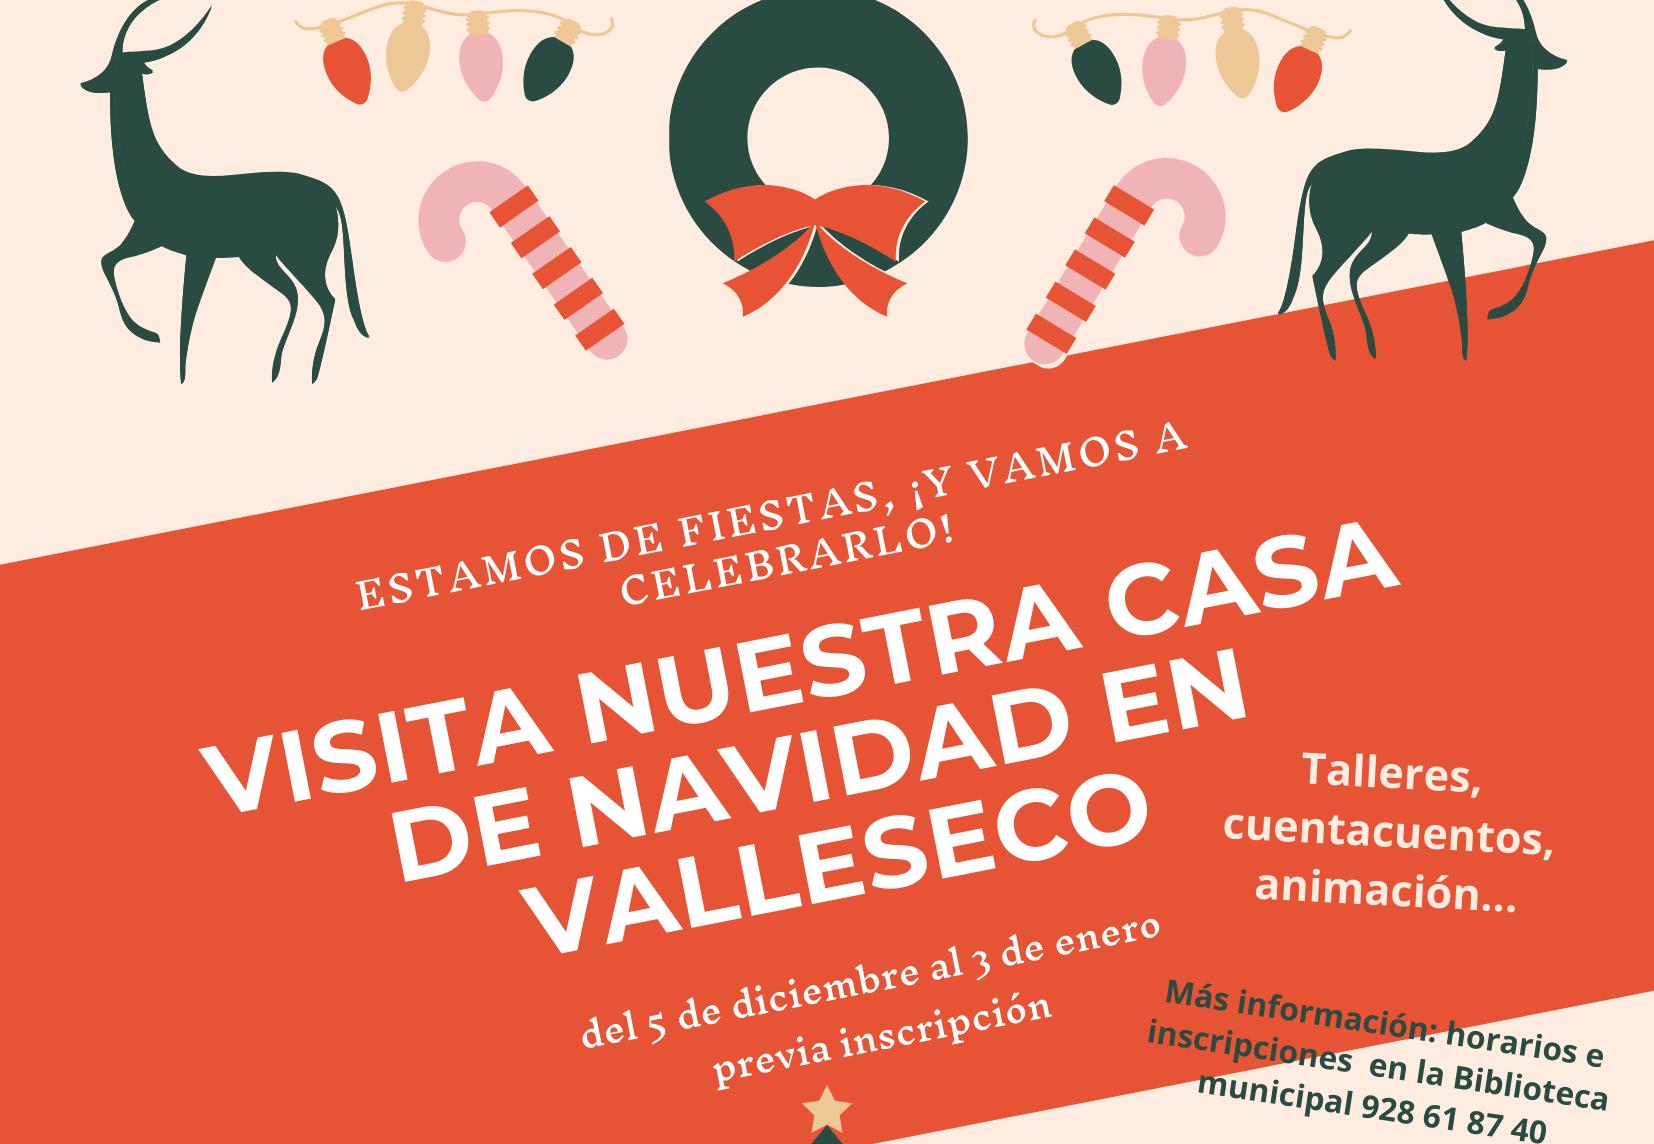 La Casa de Navidad de Valleseco / CanariasNoticias.es